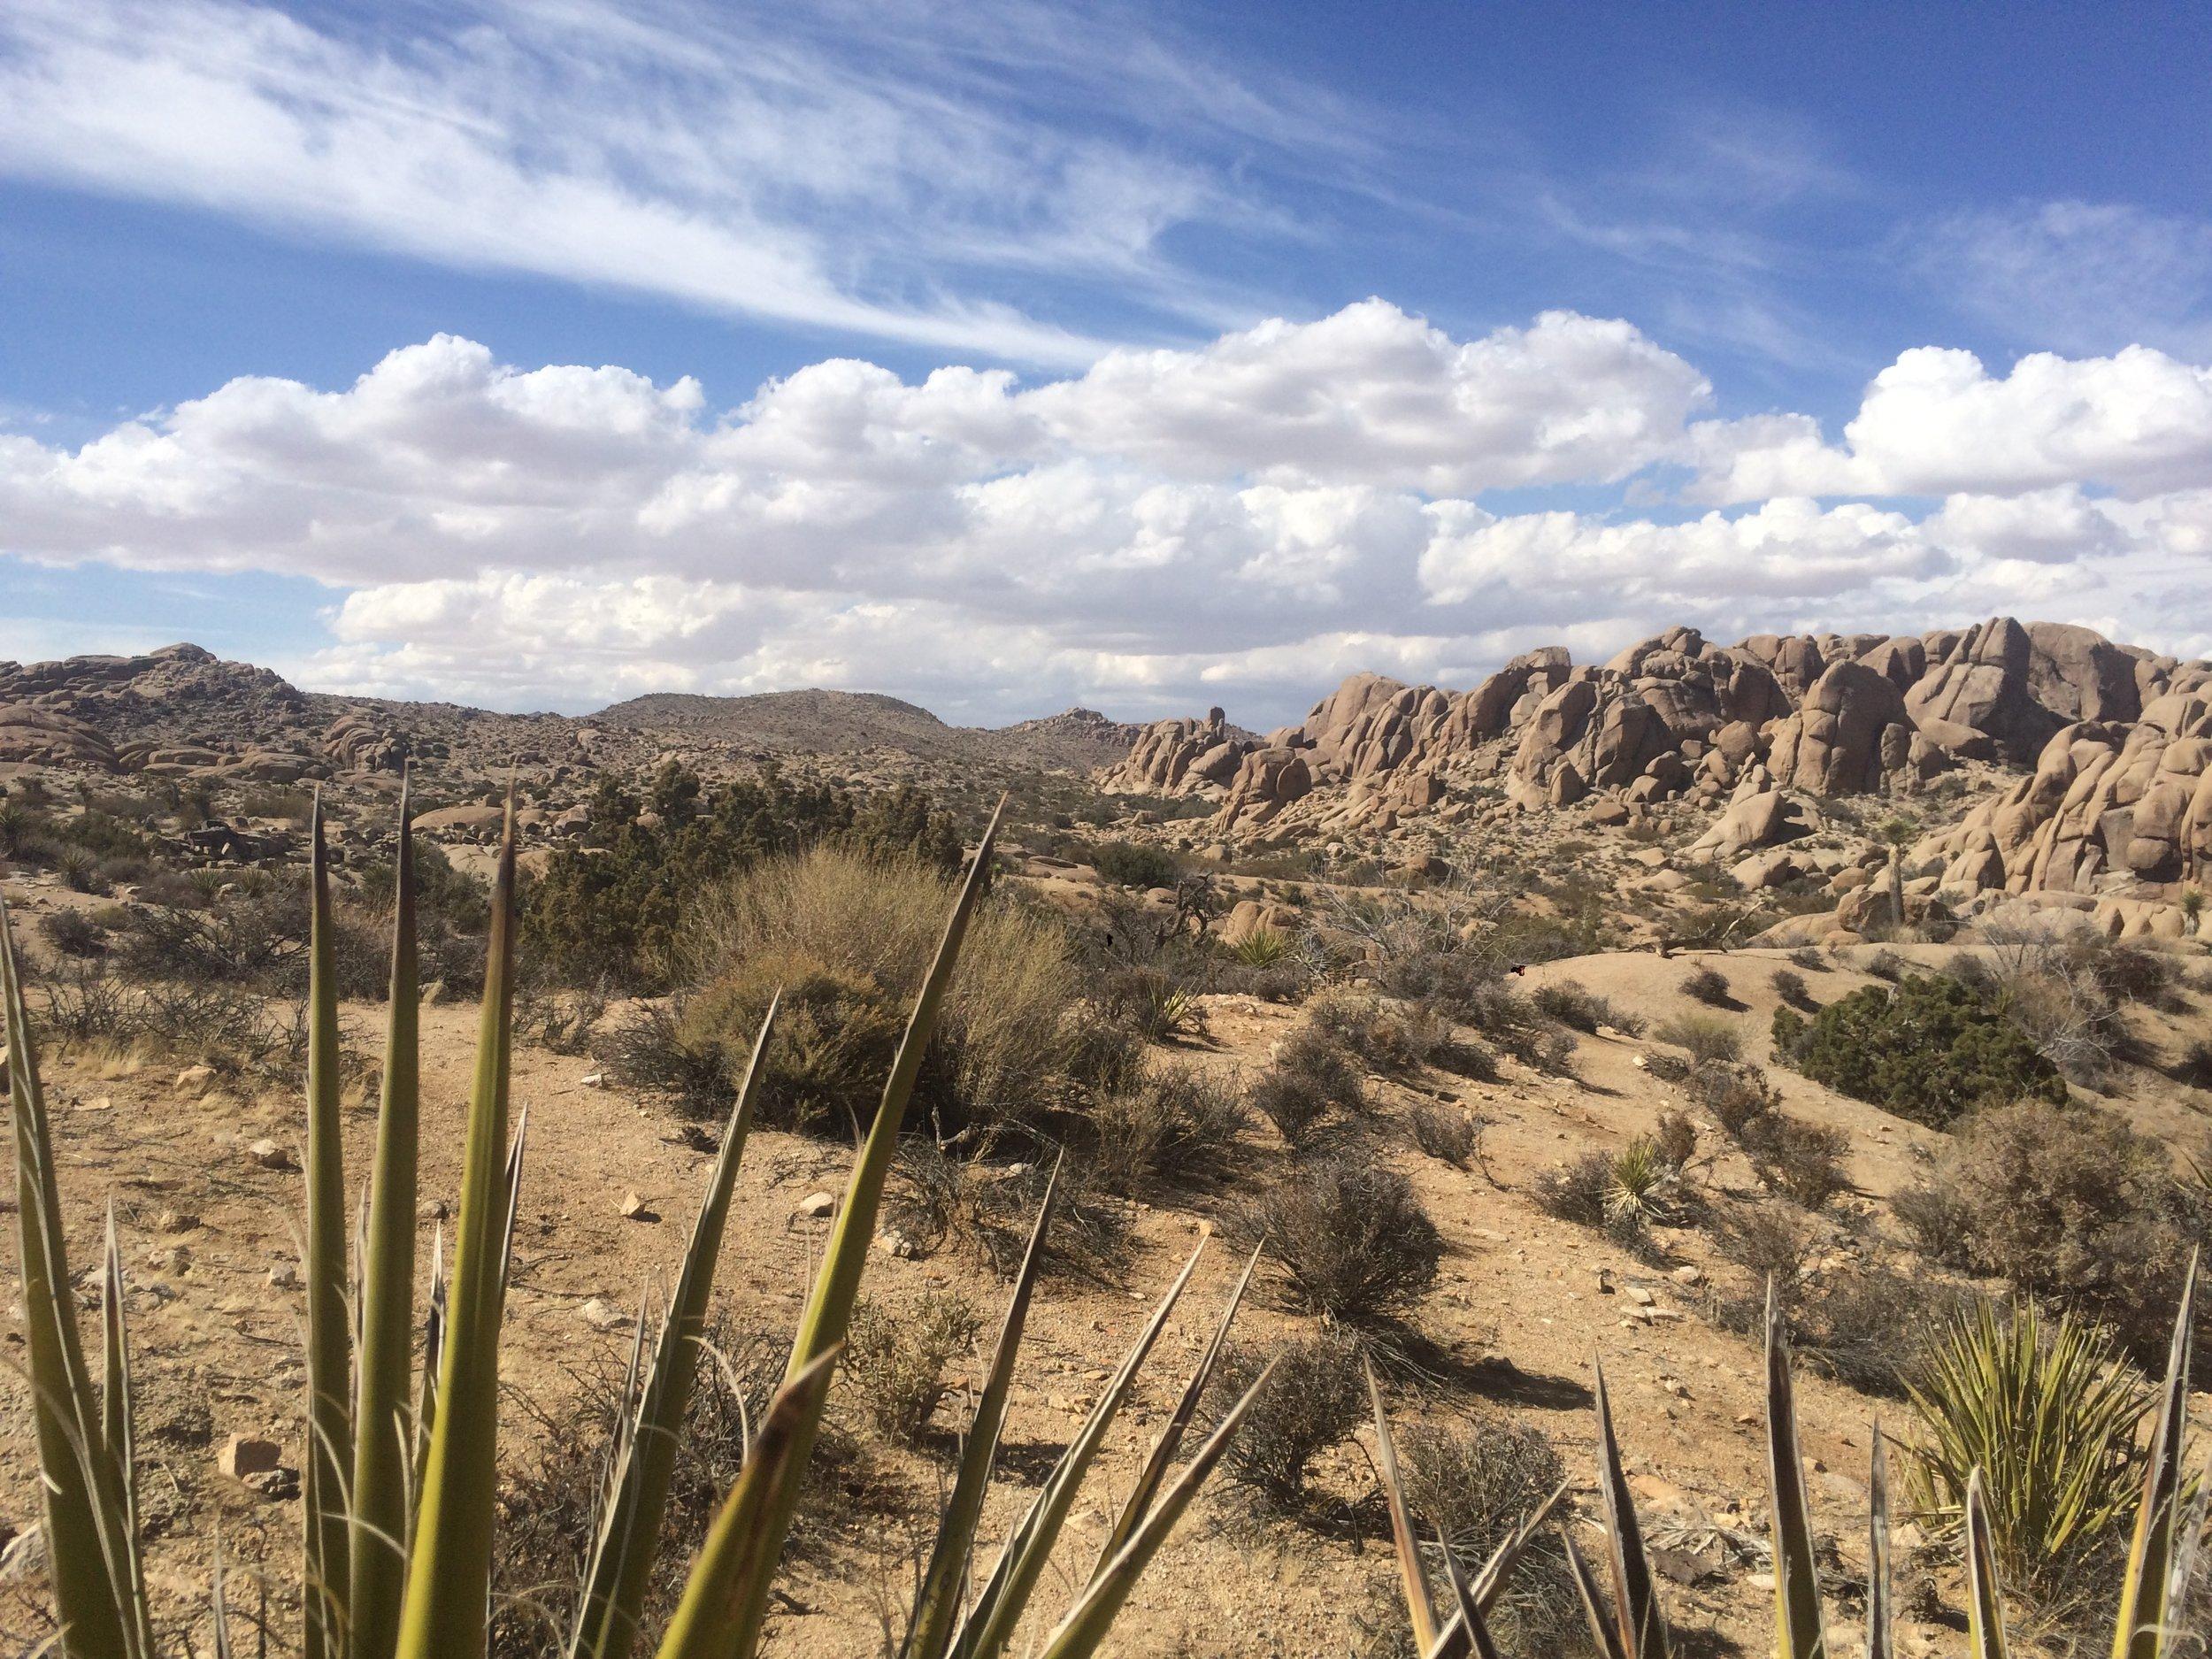 The dry desert landscape of Joshua Tree is full of surprises.